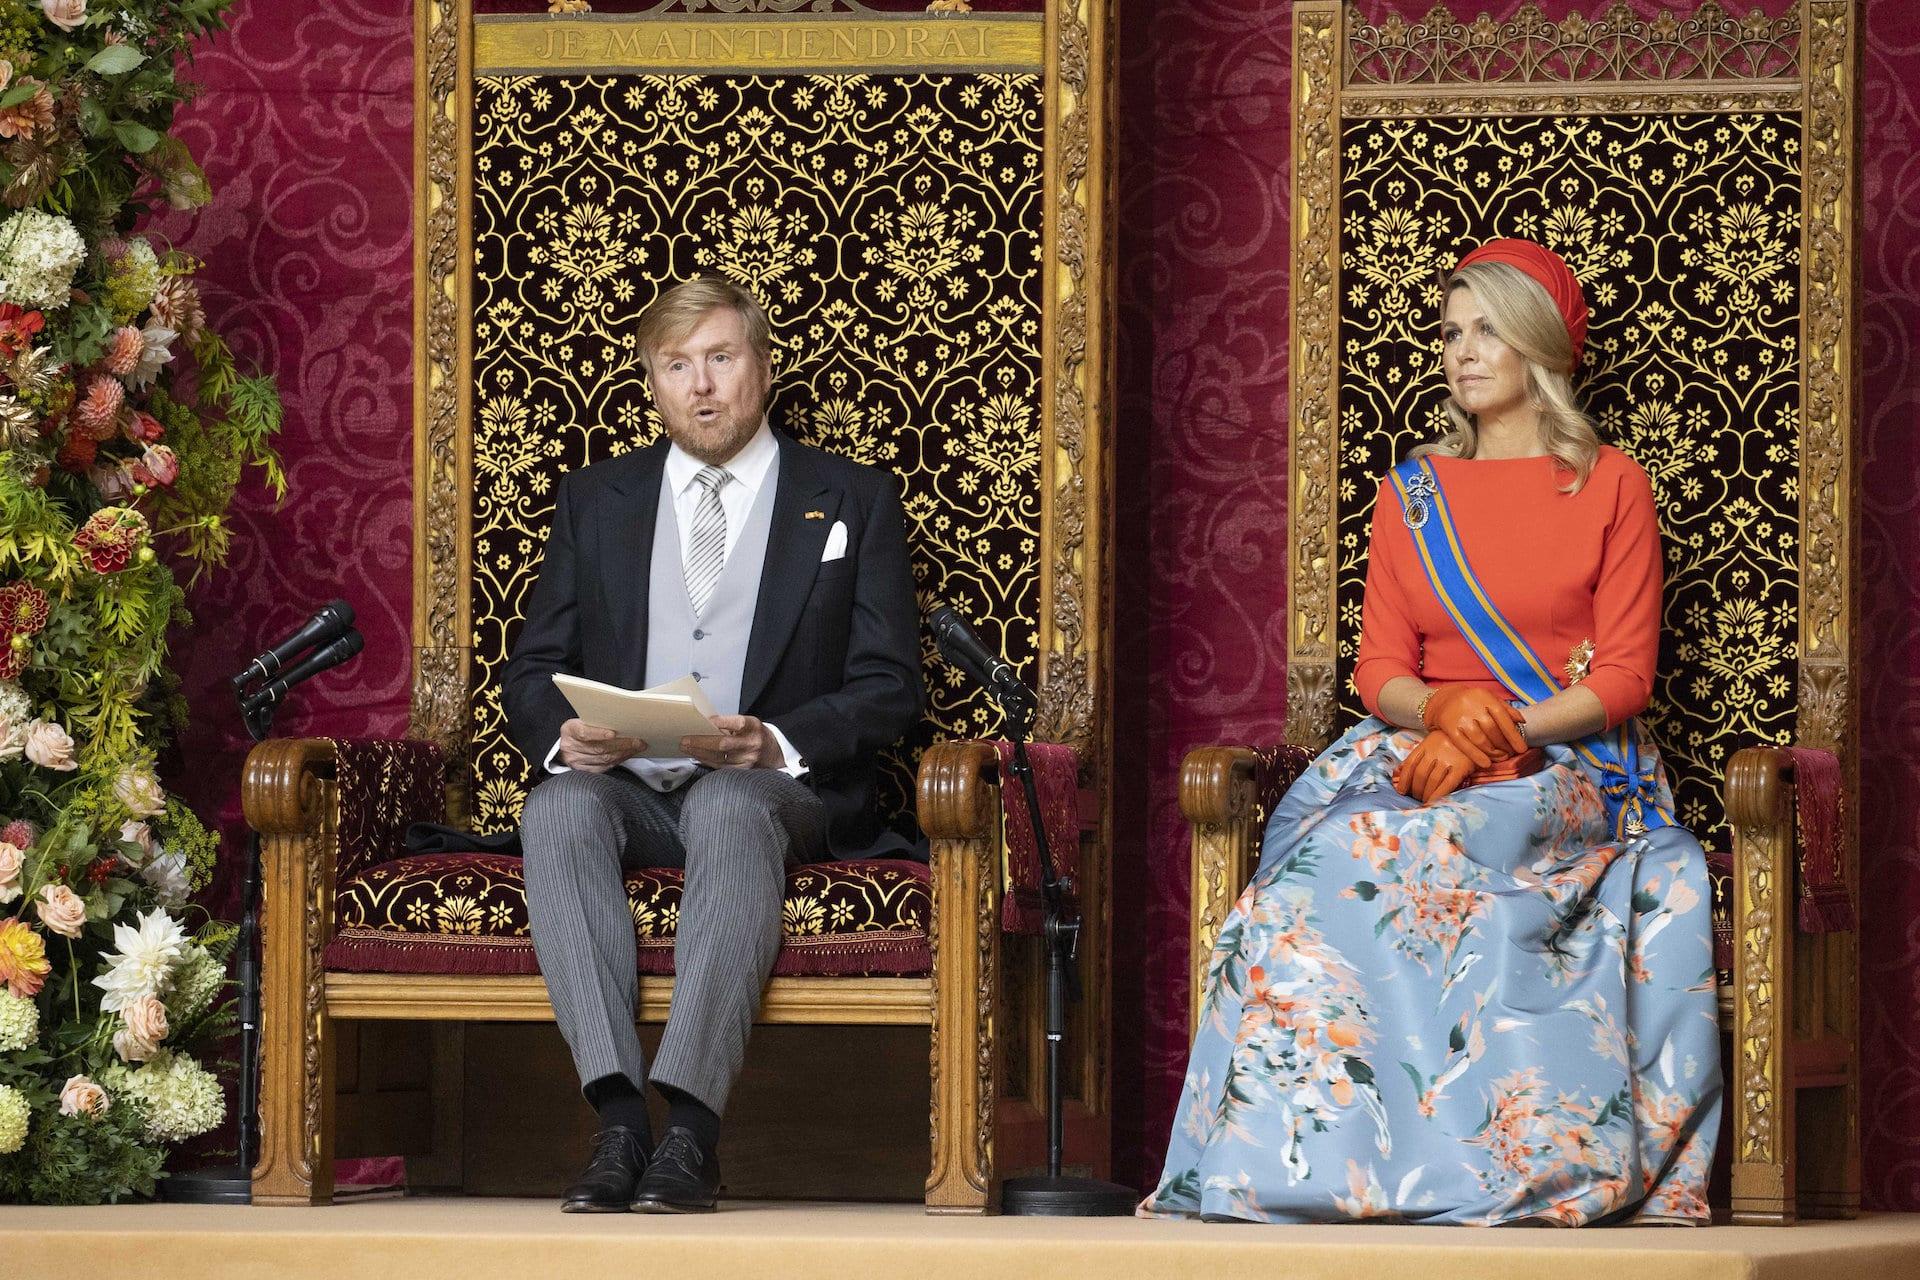 König Willem-Alexander sprach in seiner Rede wichtige Themen im Land an.